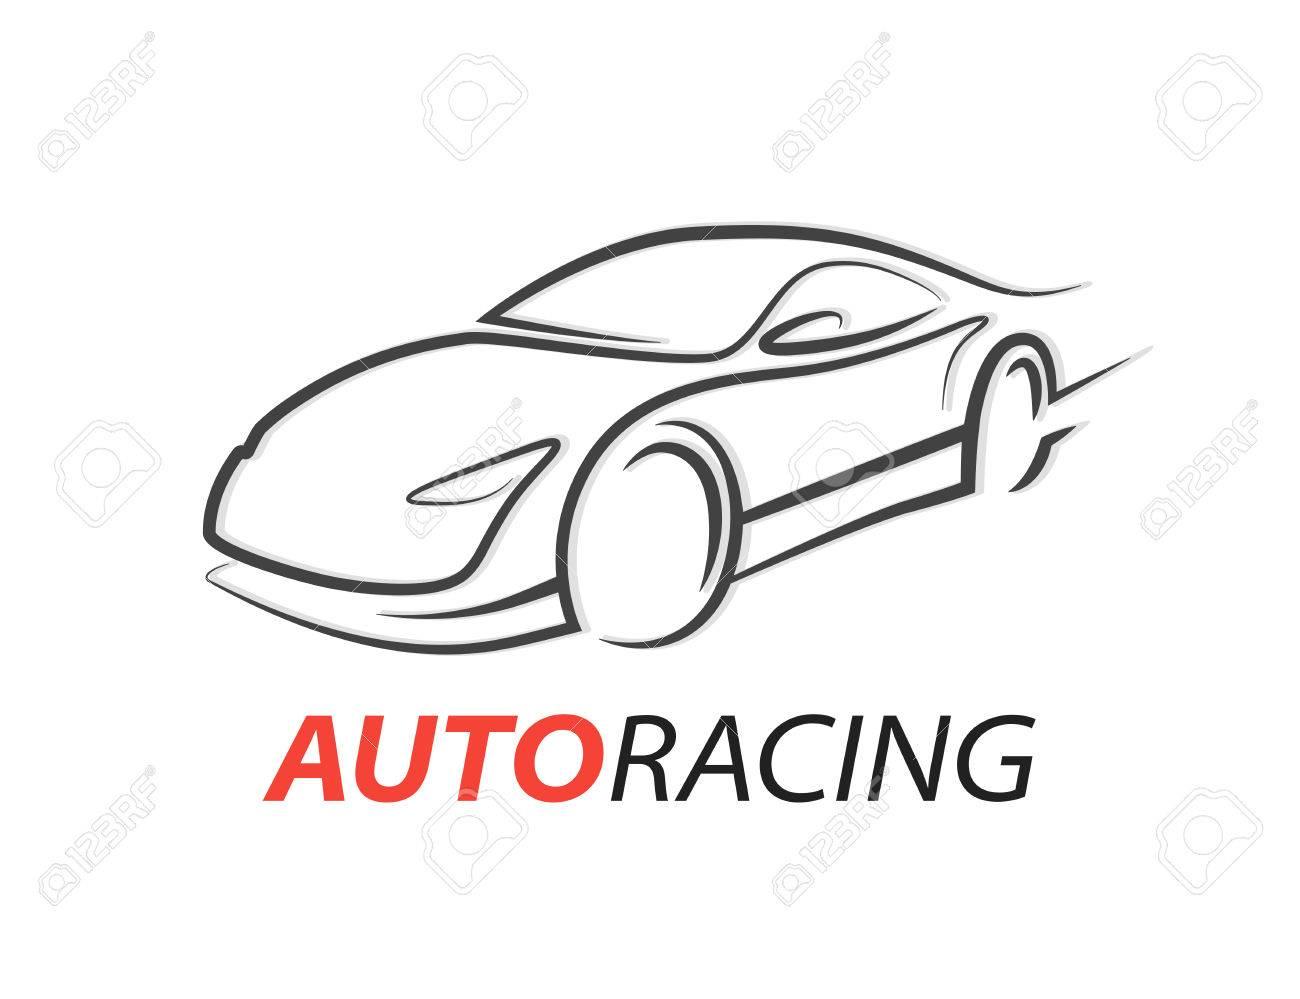 Original Concept Car Racing Car Icon With Gray Sports Supercar